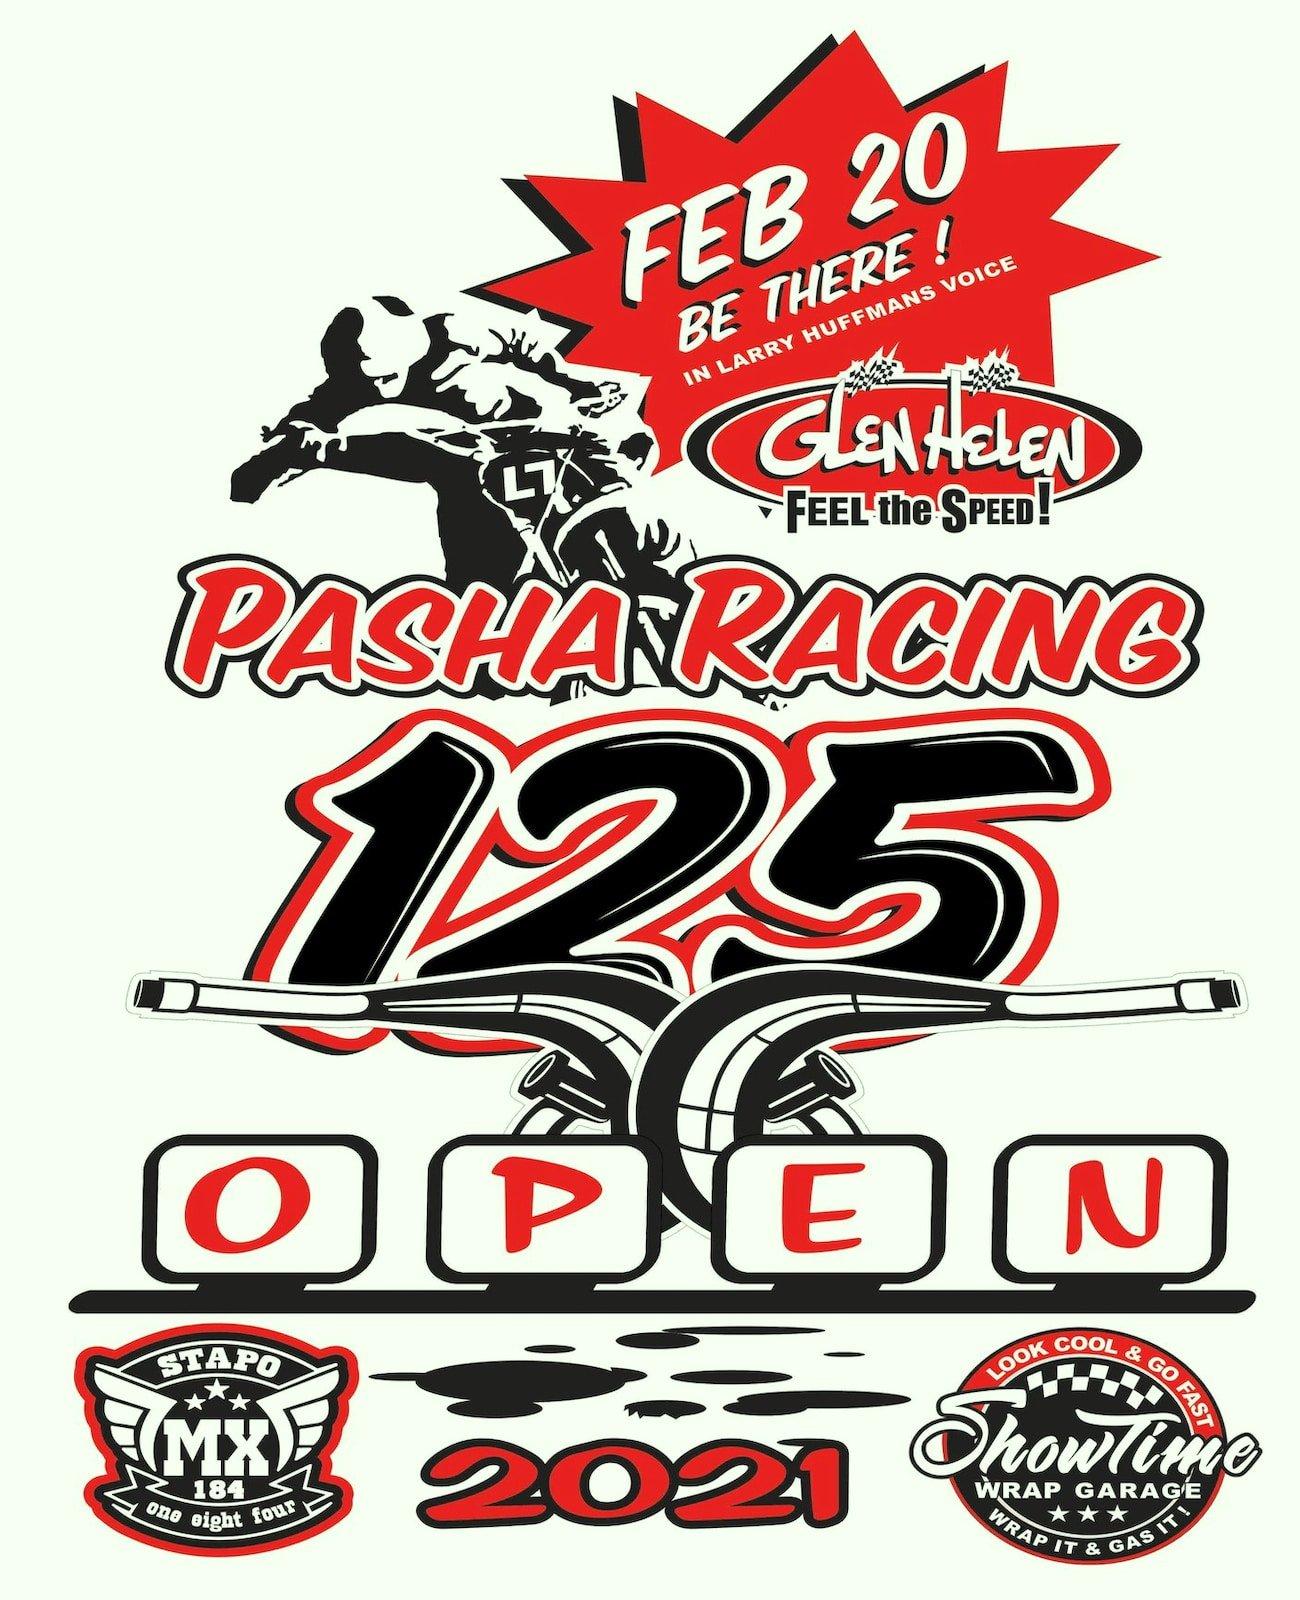 Pasha 125 Open Feb 20 Banner